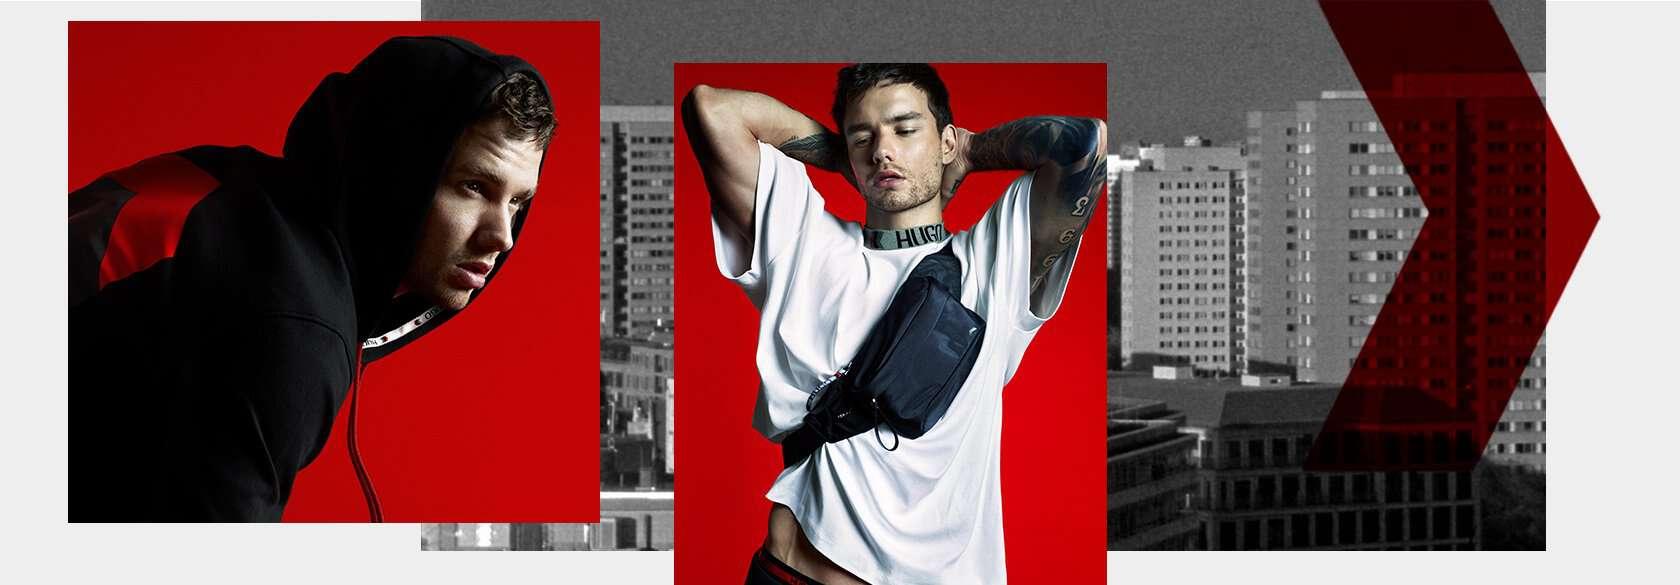 Hugo X Liam Payne: Khi Cựu Thành Viên Nhóm One Direction Thử Sức Với Thời Trang 21